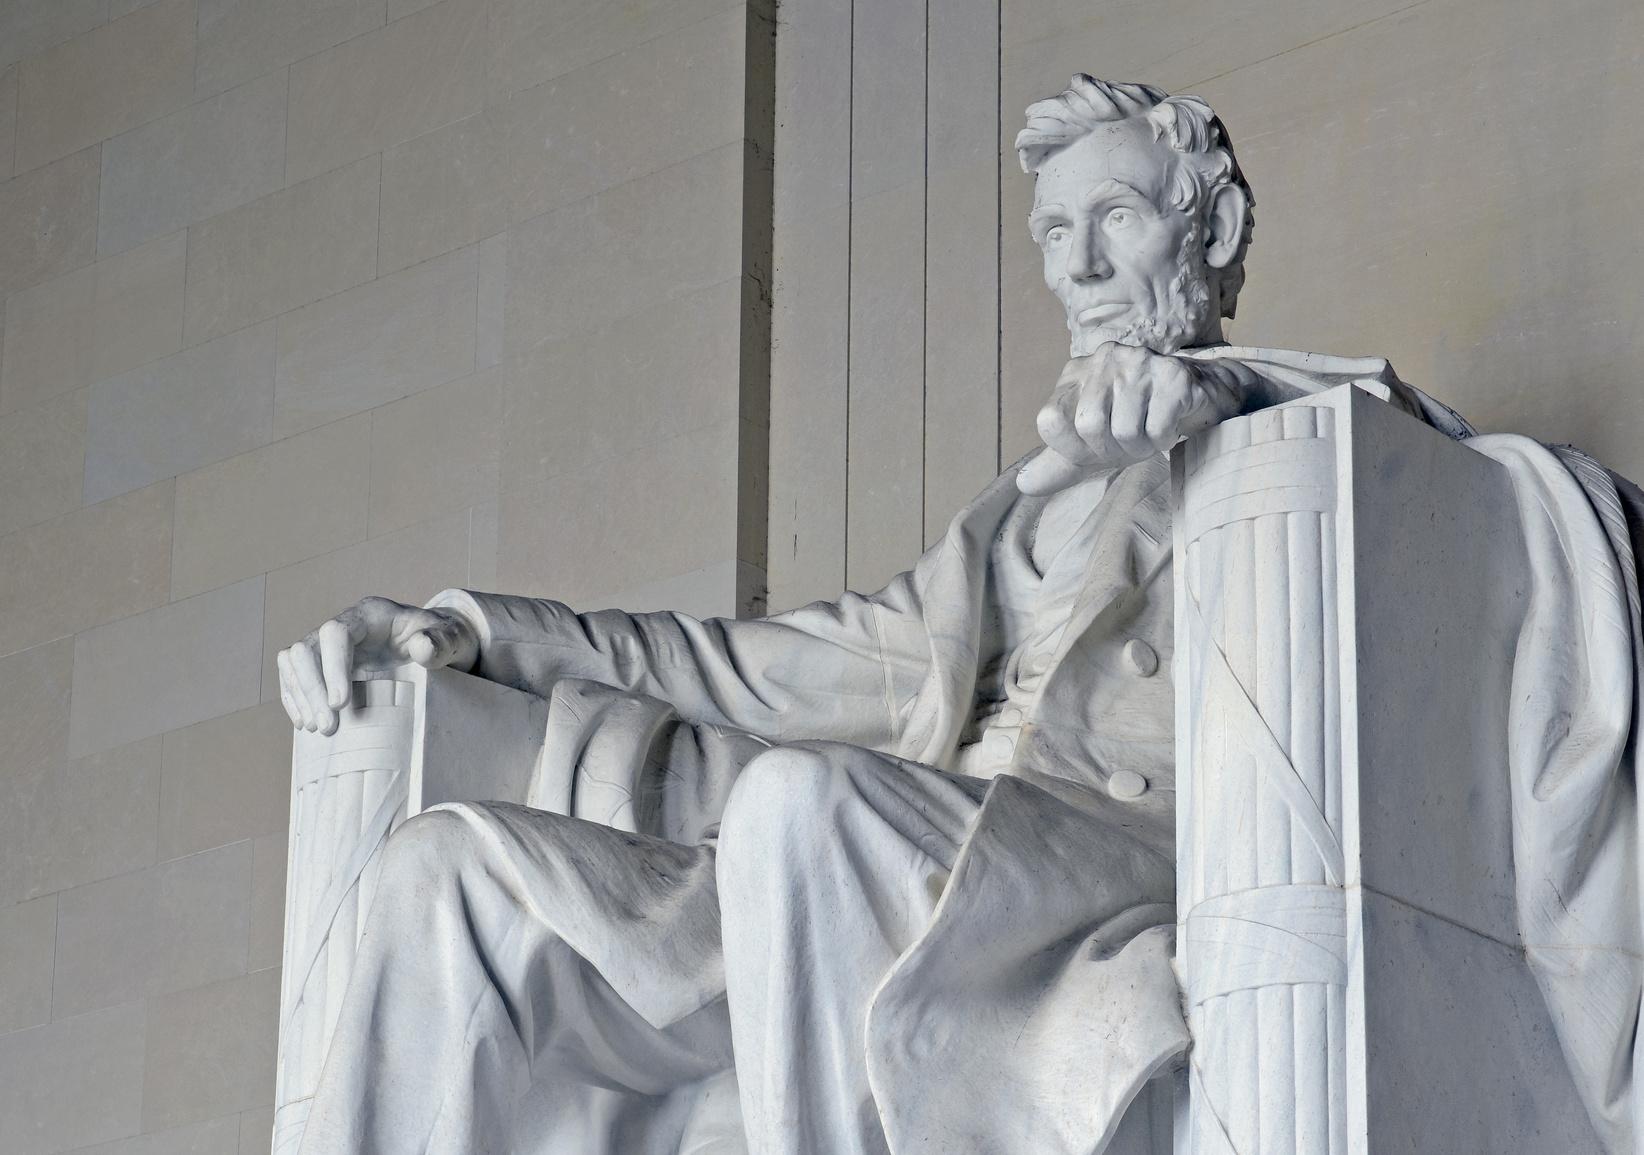 多数決に欠陥があったからリンカーンは勝った